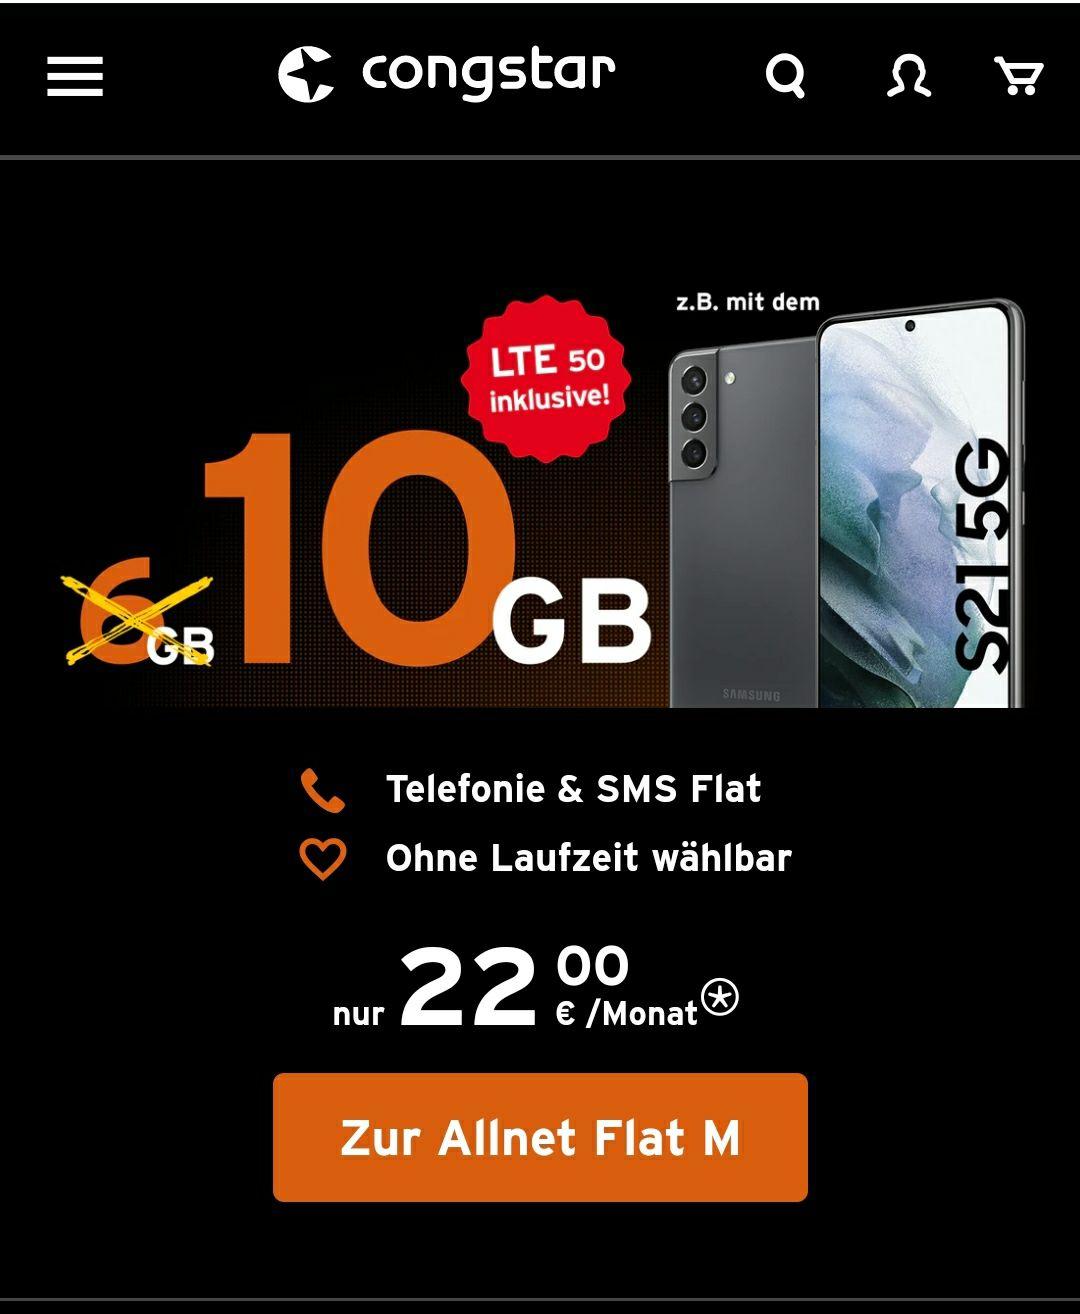 Congstartarif Allnet Flat M 10 GB statt 6 GB + LTE50 inkl. Besonders für Bestandskunden